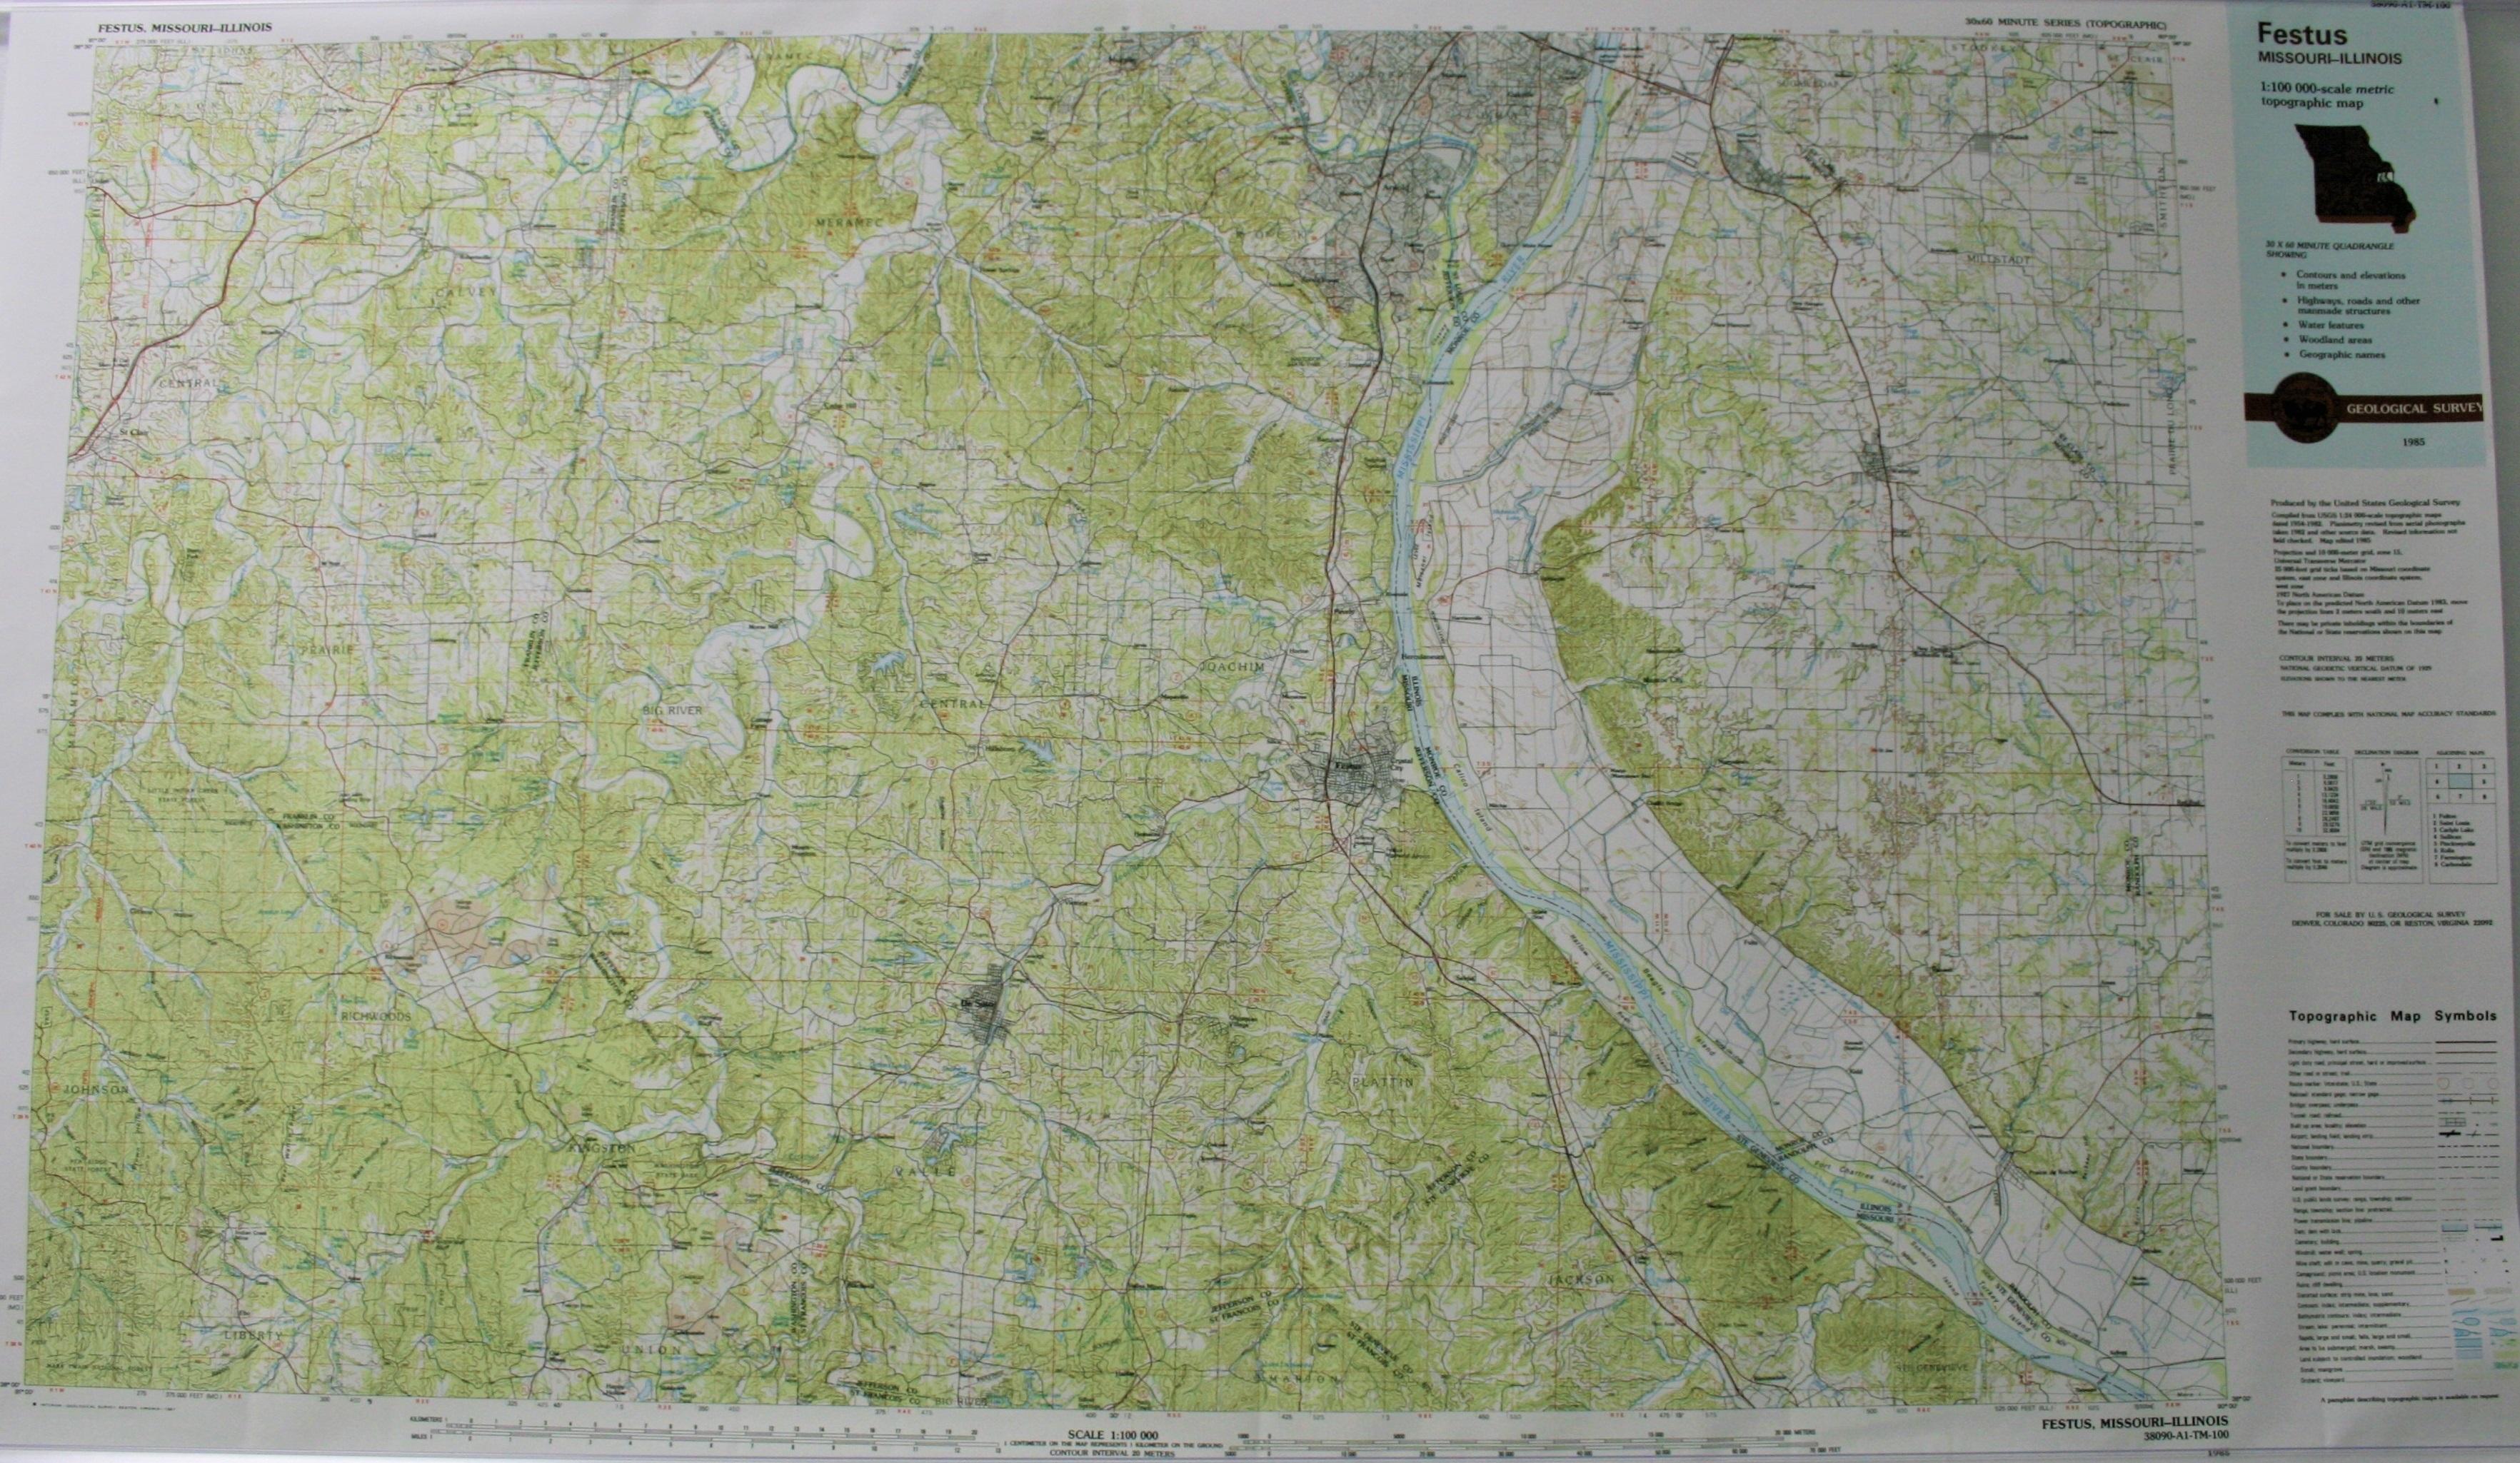 USGS Festus Map 1985